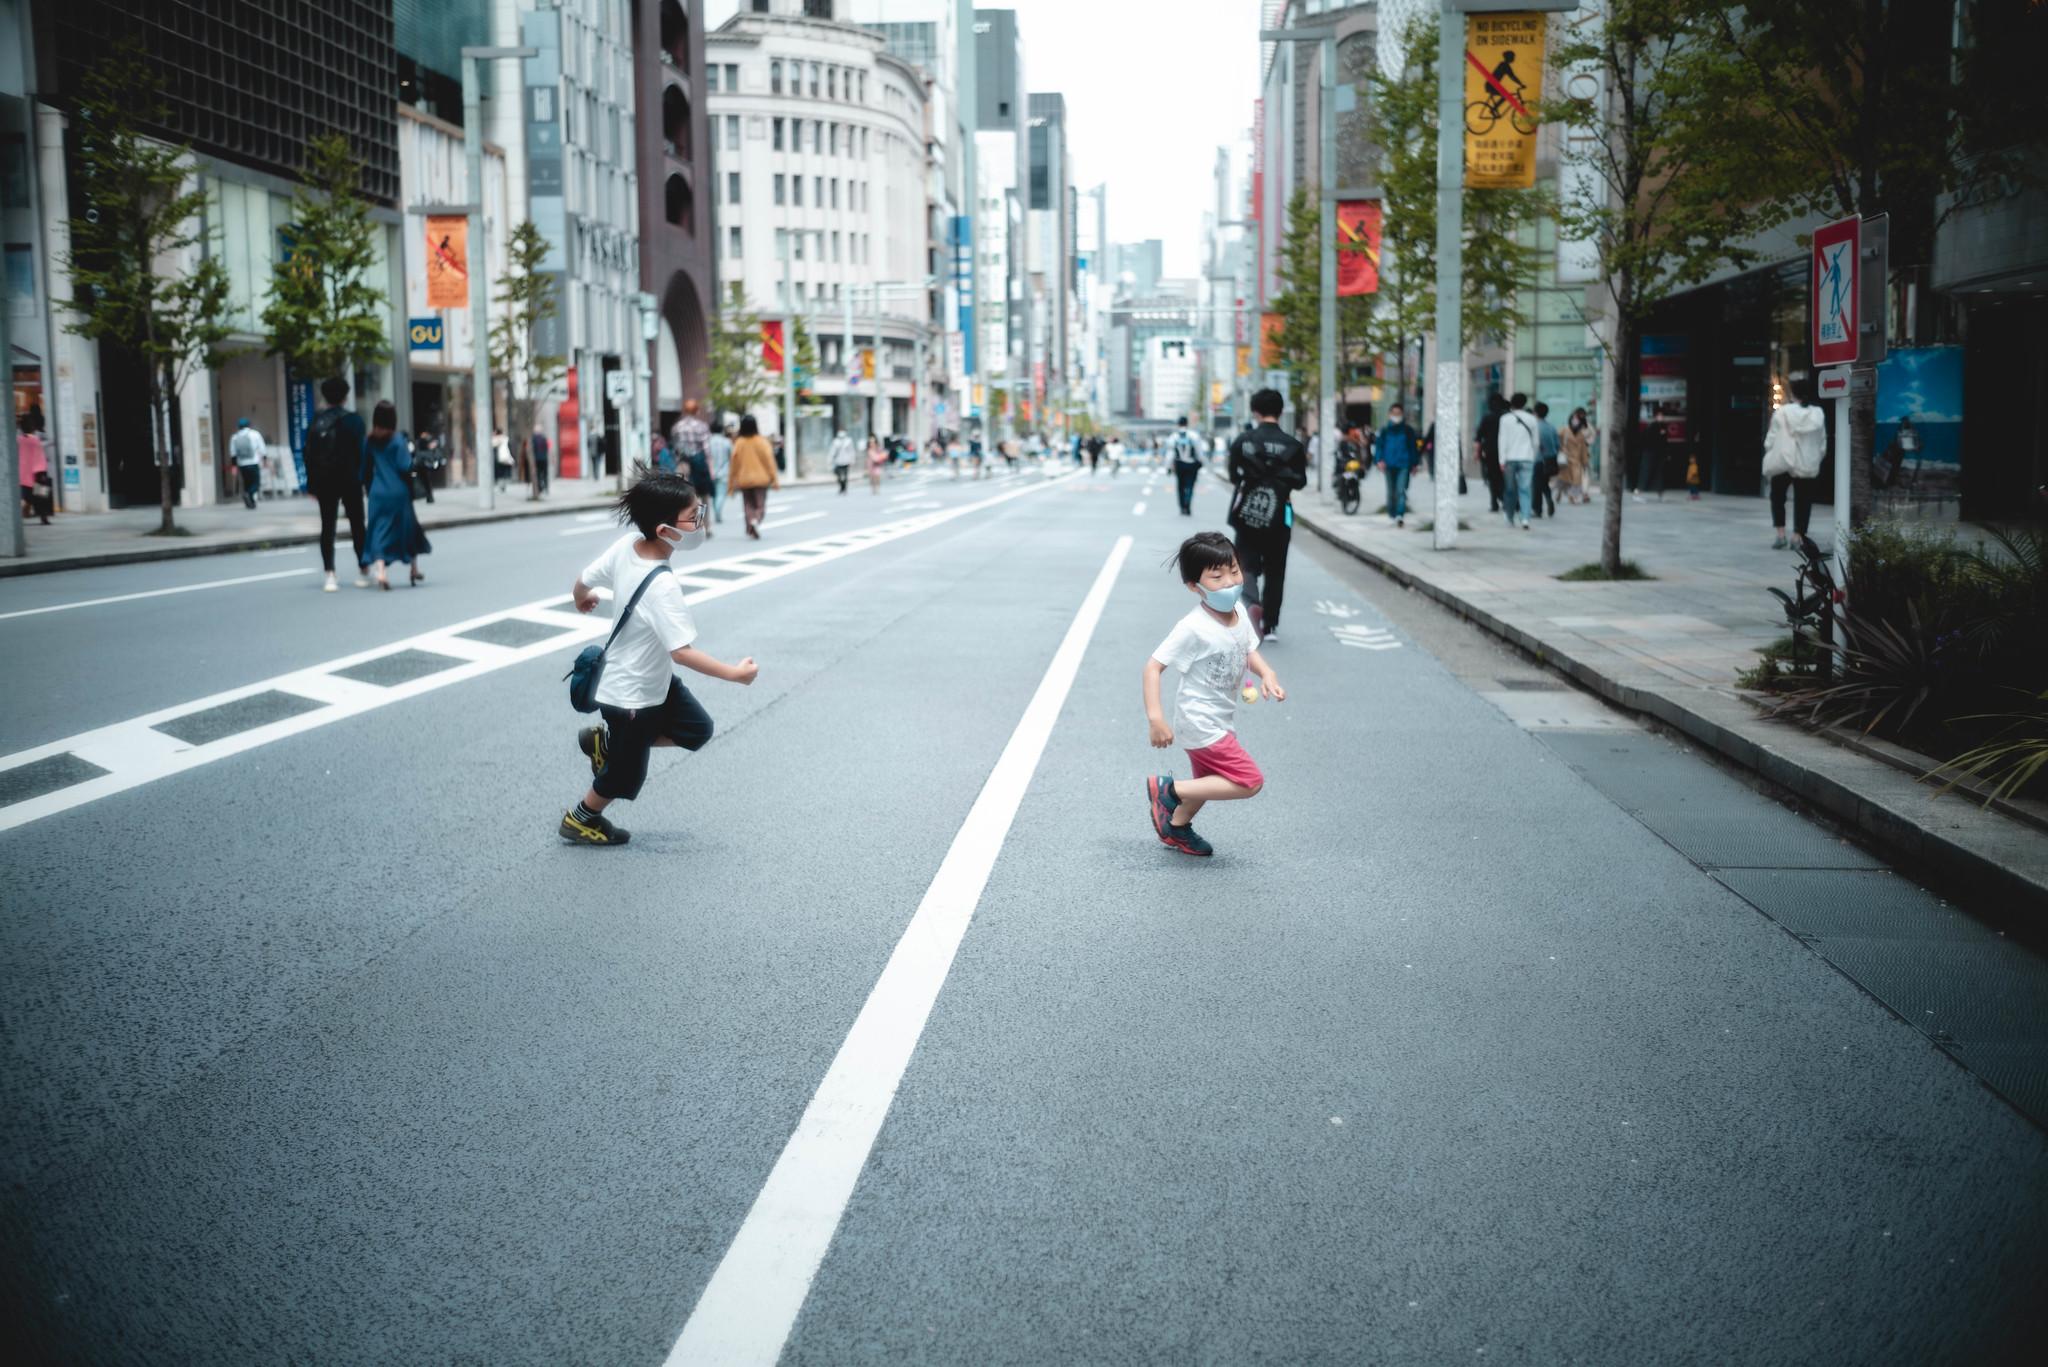 running around kids